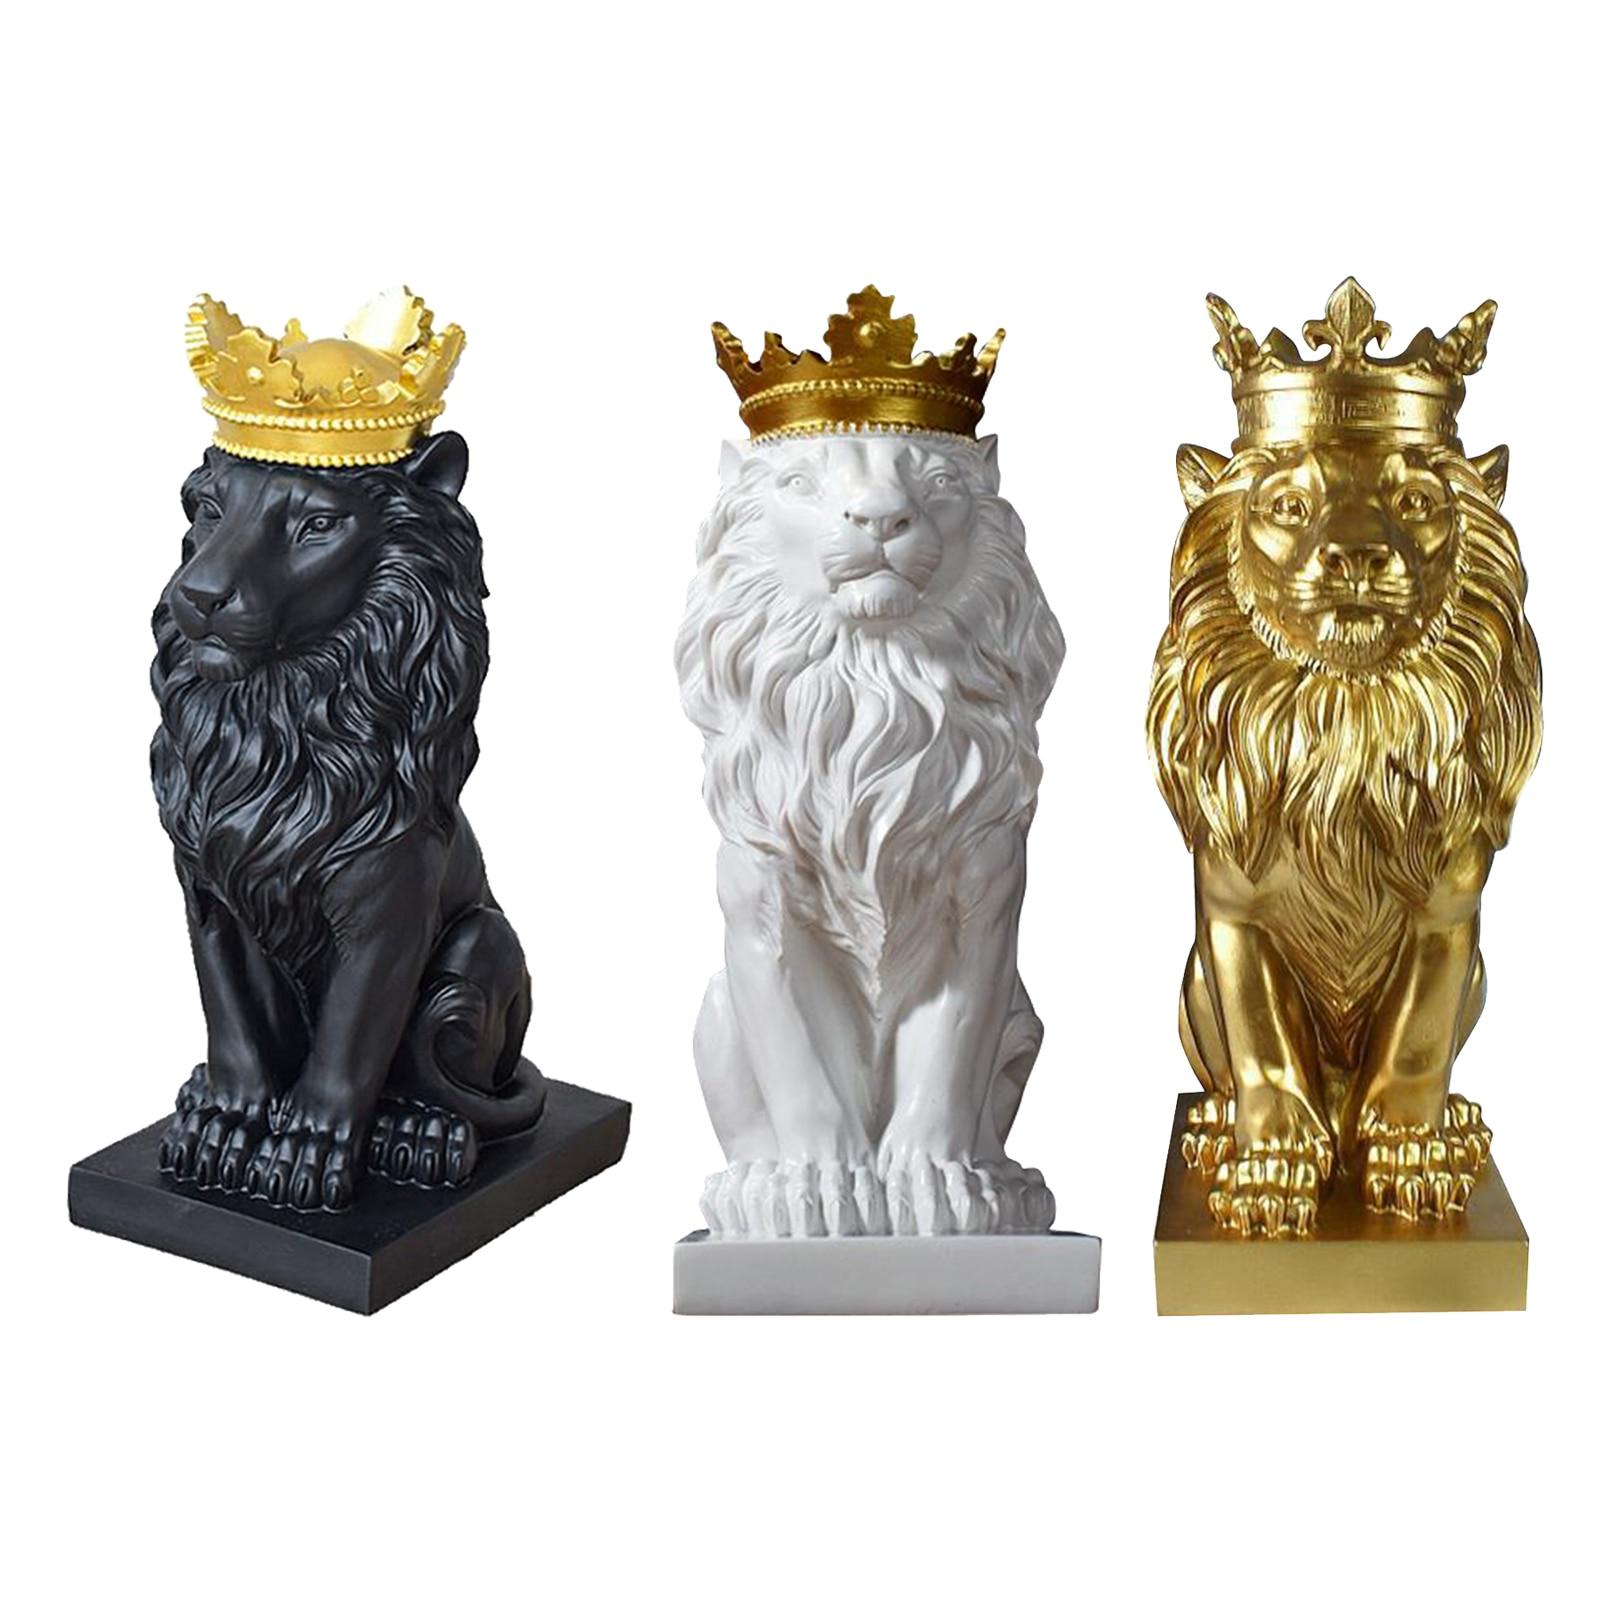 Abstrato Coroa Leão Estatueta Escultura Resina Estátua Artesanato Ornamentos Casa Escritório Varanda Arte Decoração Animal